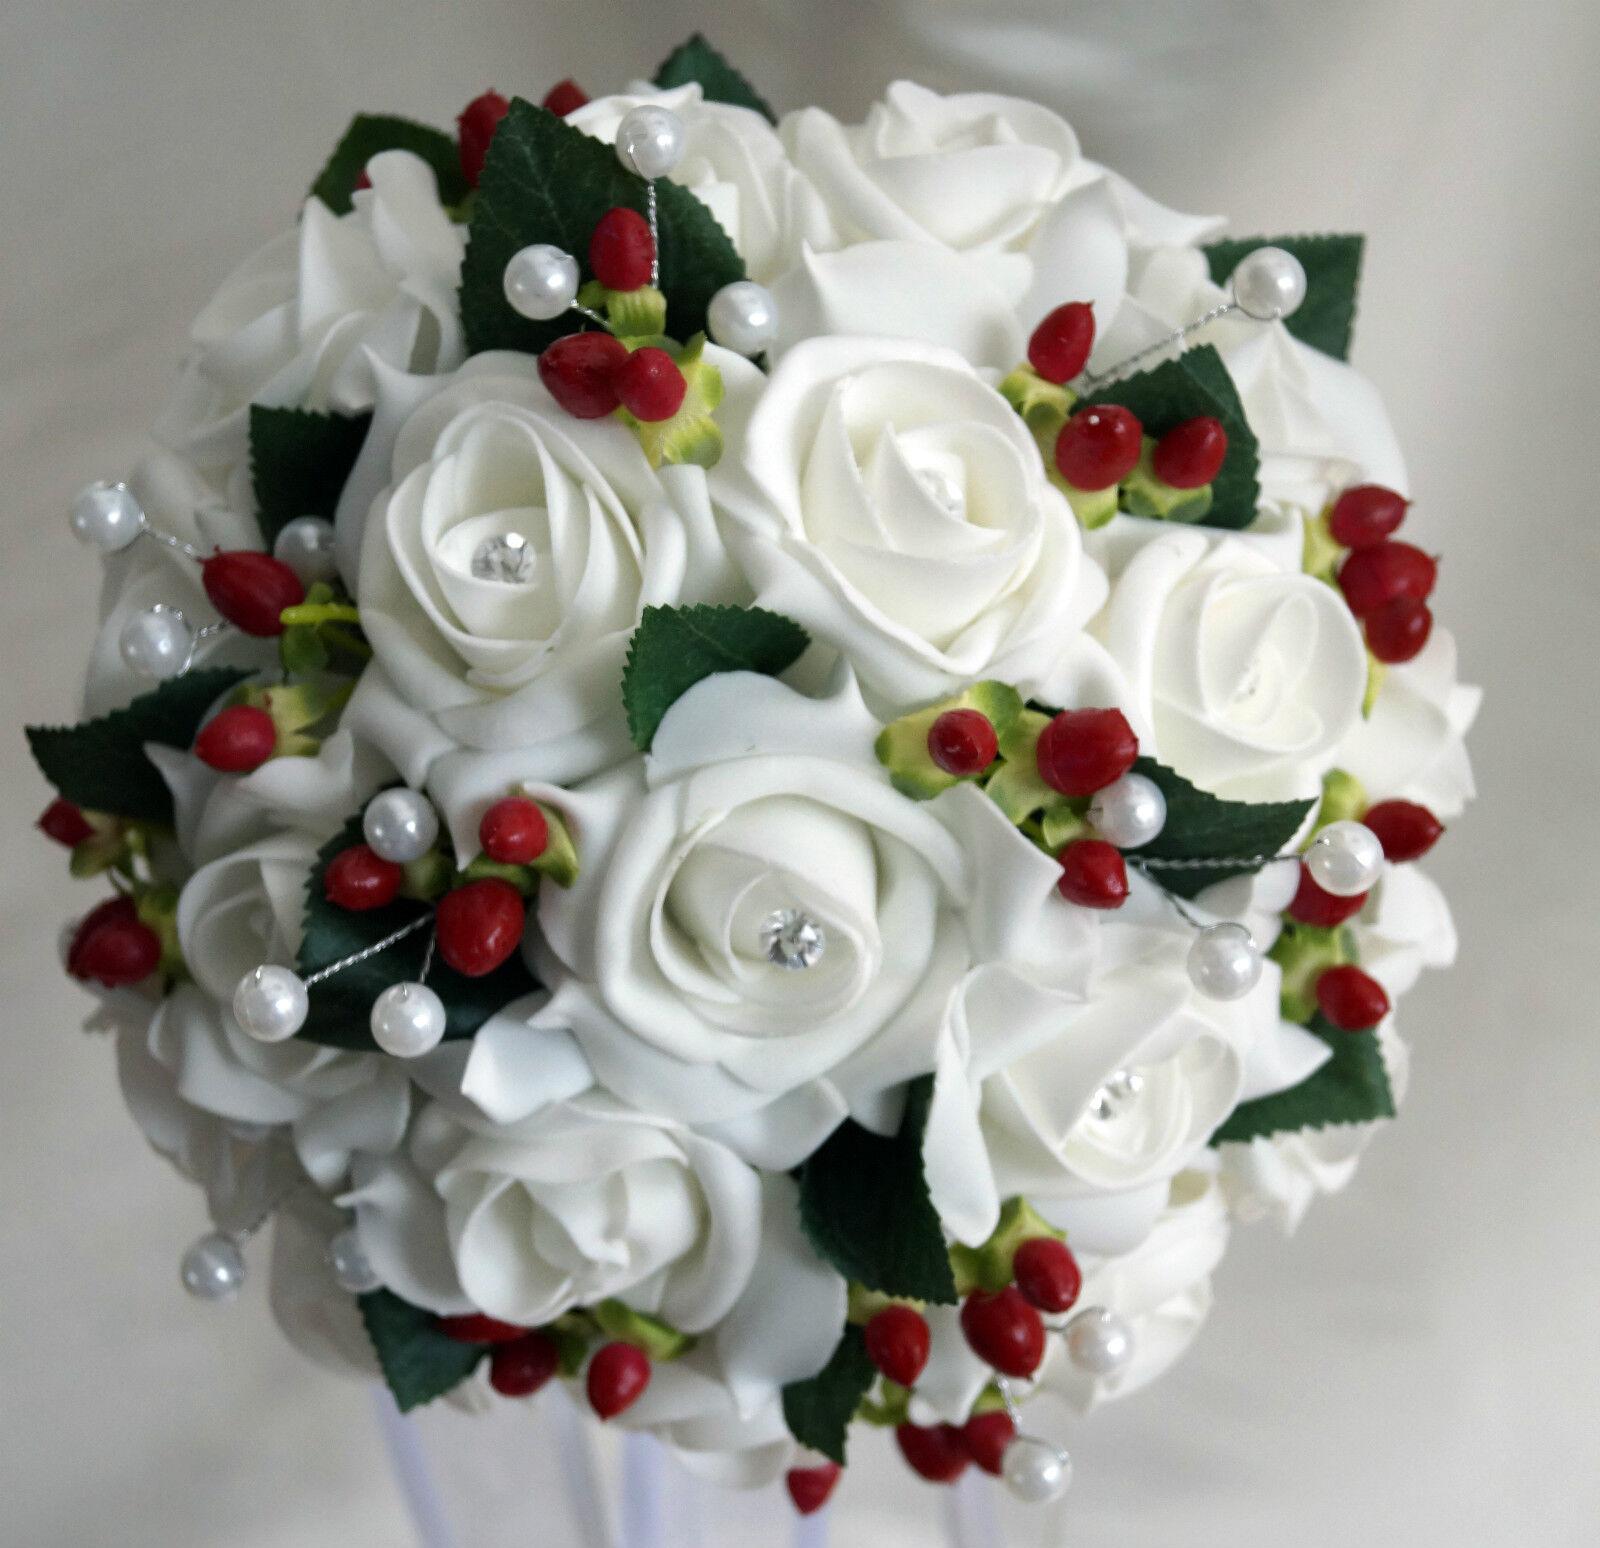 Brides Posy BOUQUET bianca o avorio avorio avorio con rosa   BACCHE ROSSE INVERNO MATRIMONIO   SPOSA Xmas f3ca78